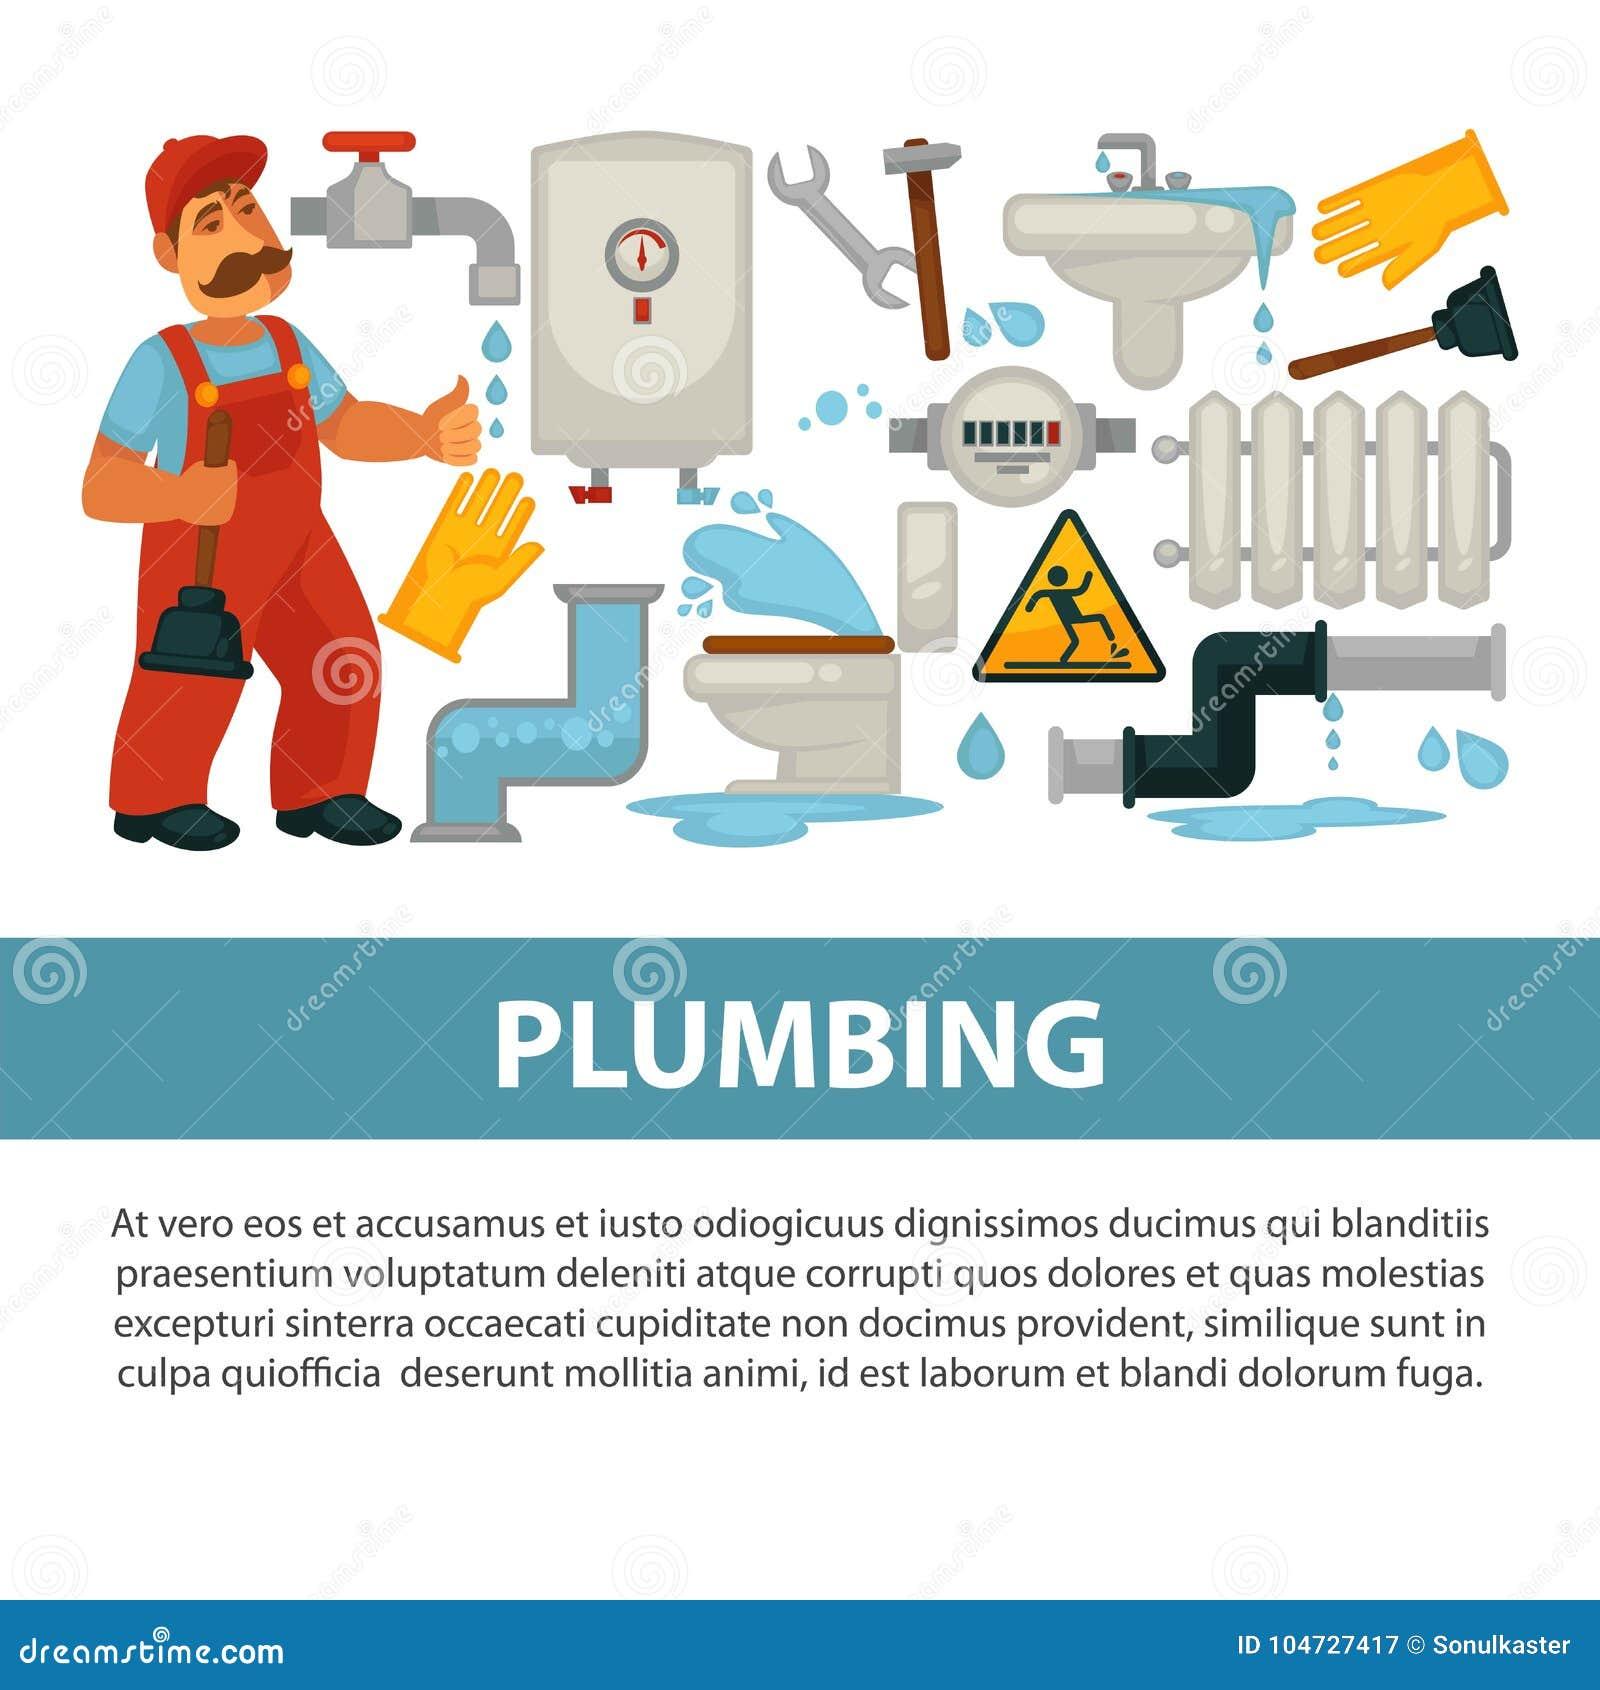 Plumbing Service Vector Poster Of Bathroom Toilet Or Kitchen Plumber ...